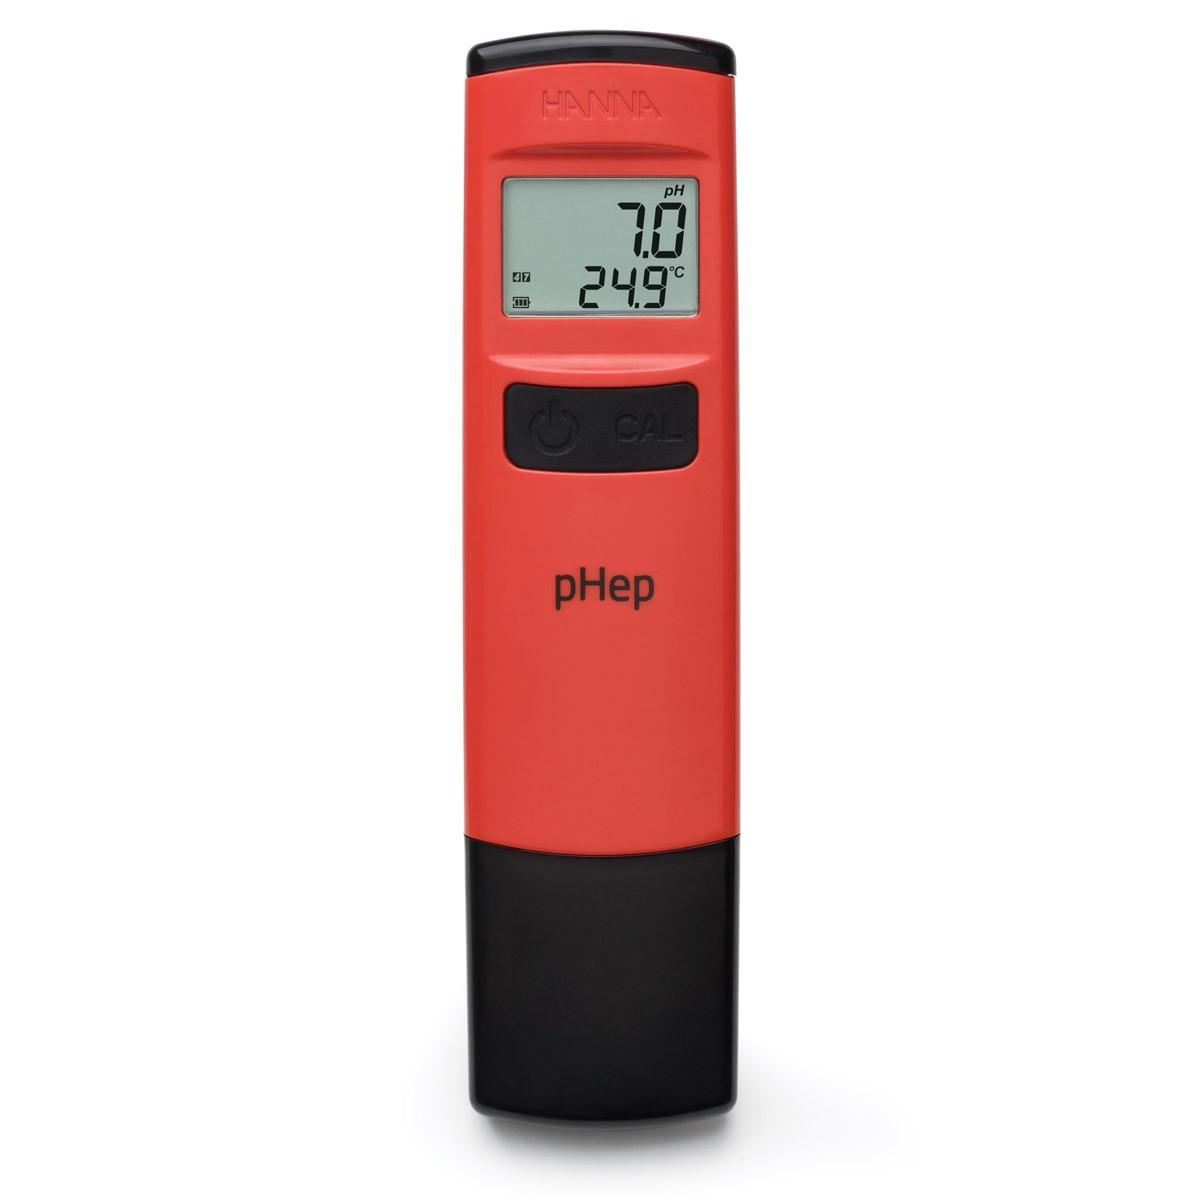 HI98107 - 0.1 Çözünürlüklü Suya Dayanıklı Cep pH Test Cihazı - pHep®